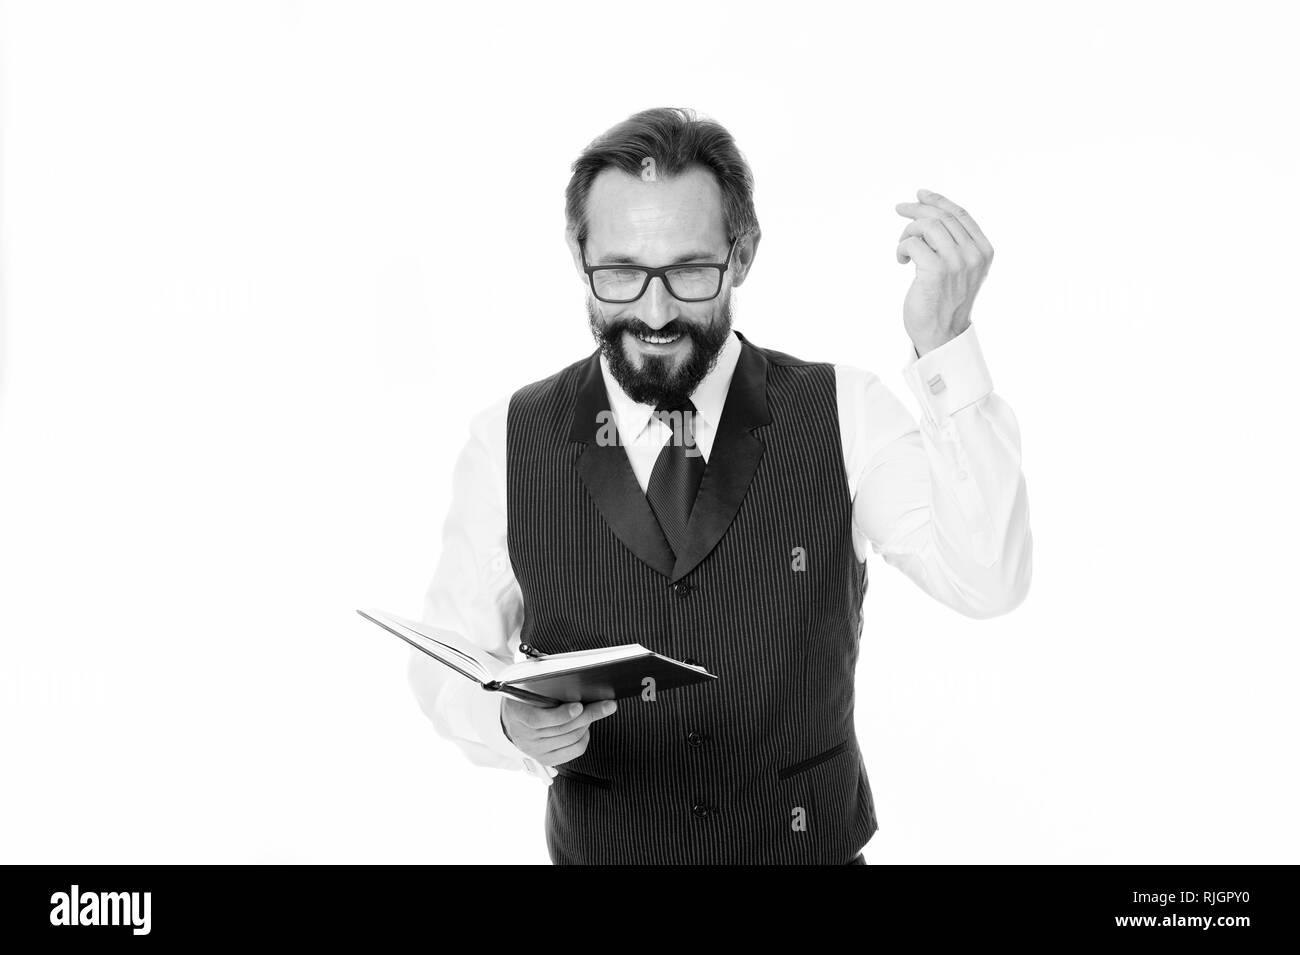 Homme d'affaires prospère de motivation créer un discours inspirant blanc isolé. La planification d'affaires calendrier d'activité avec le bloc-notes. La littérature de motivation concept. Barbu homme manager créer un plan. Photo Stock